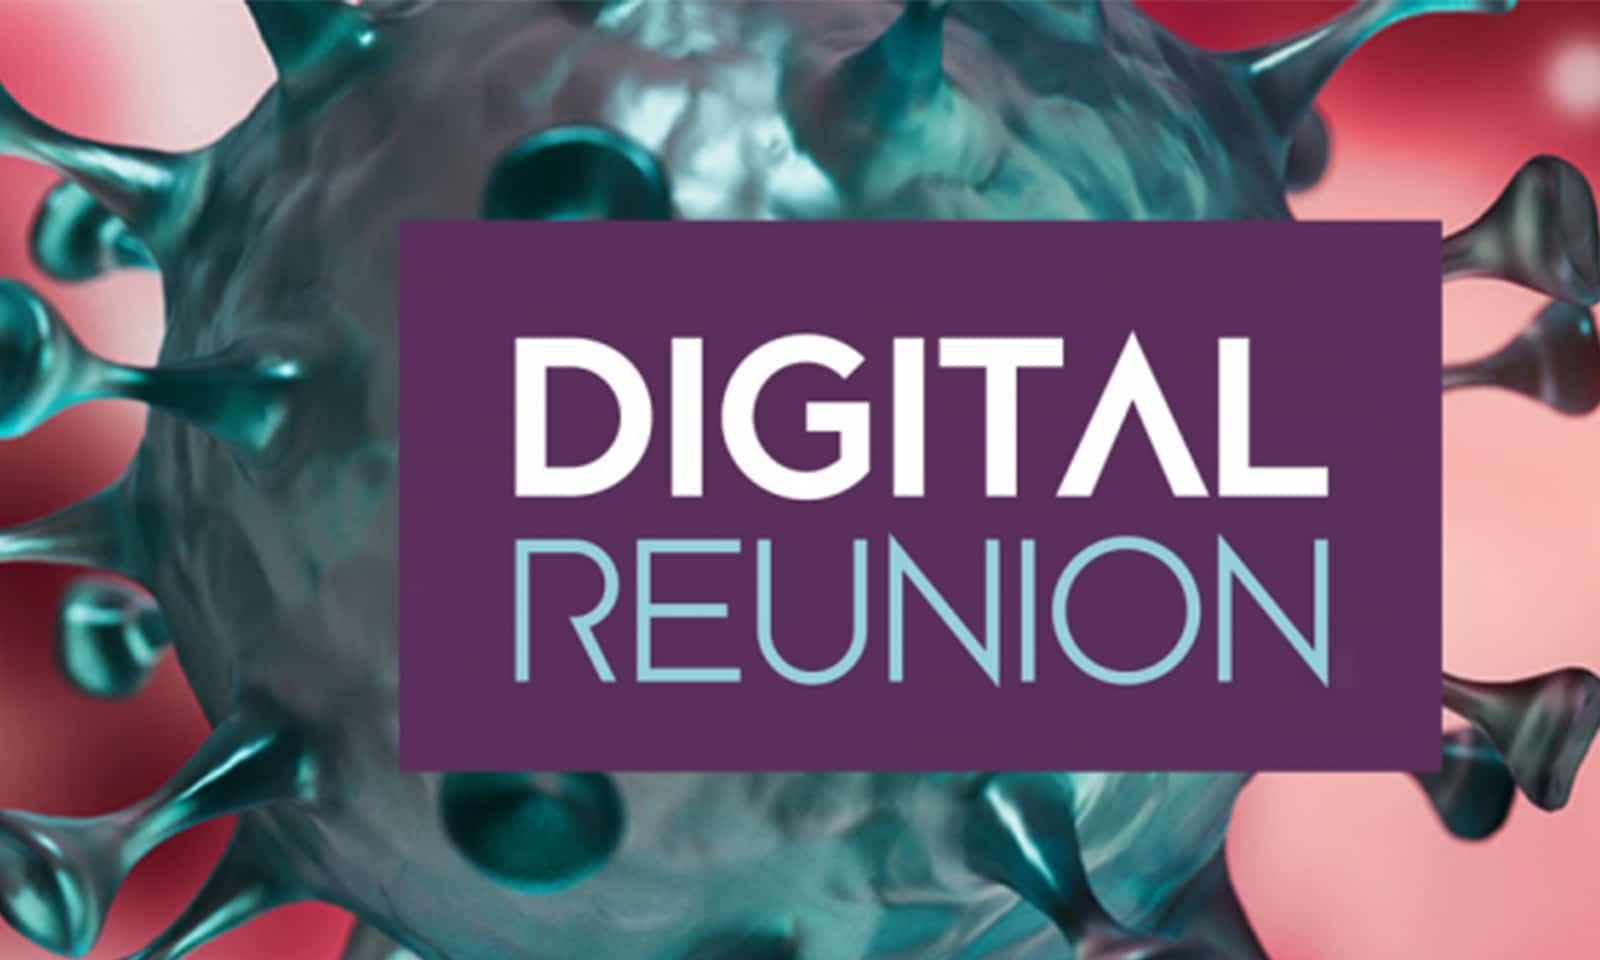 Digital Réunion met à disposition un guide des bonnes pratiques pour le Télétravail